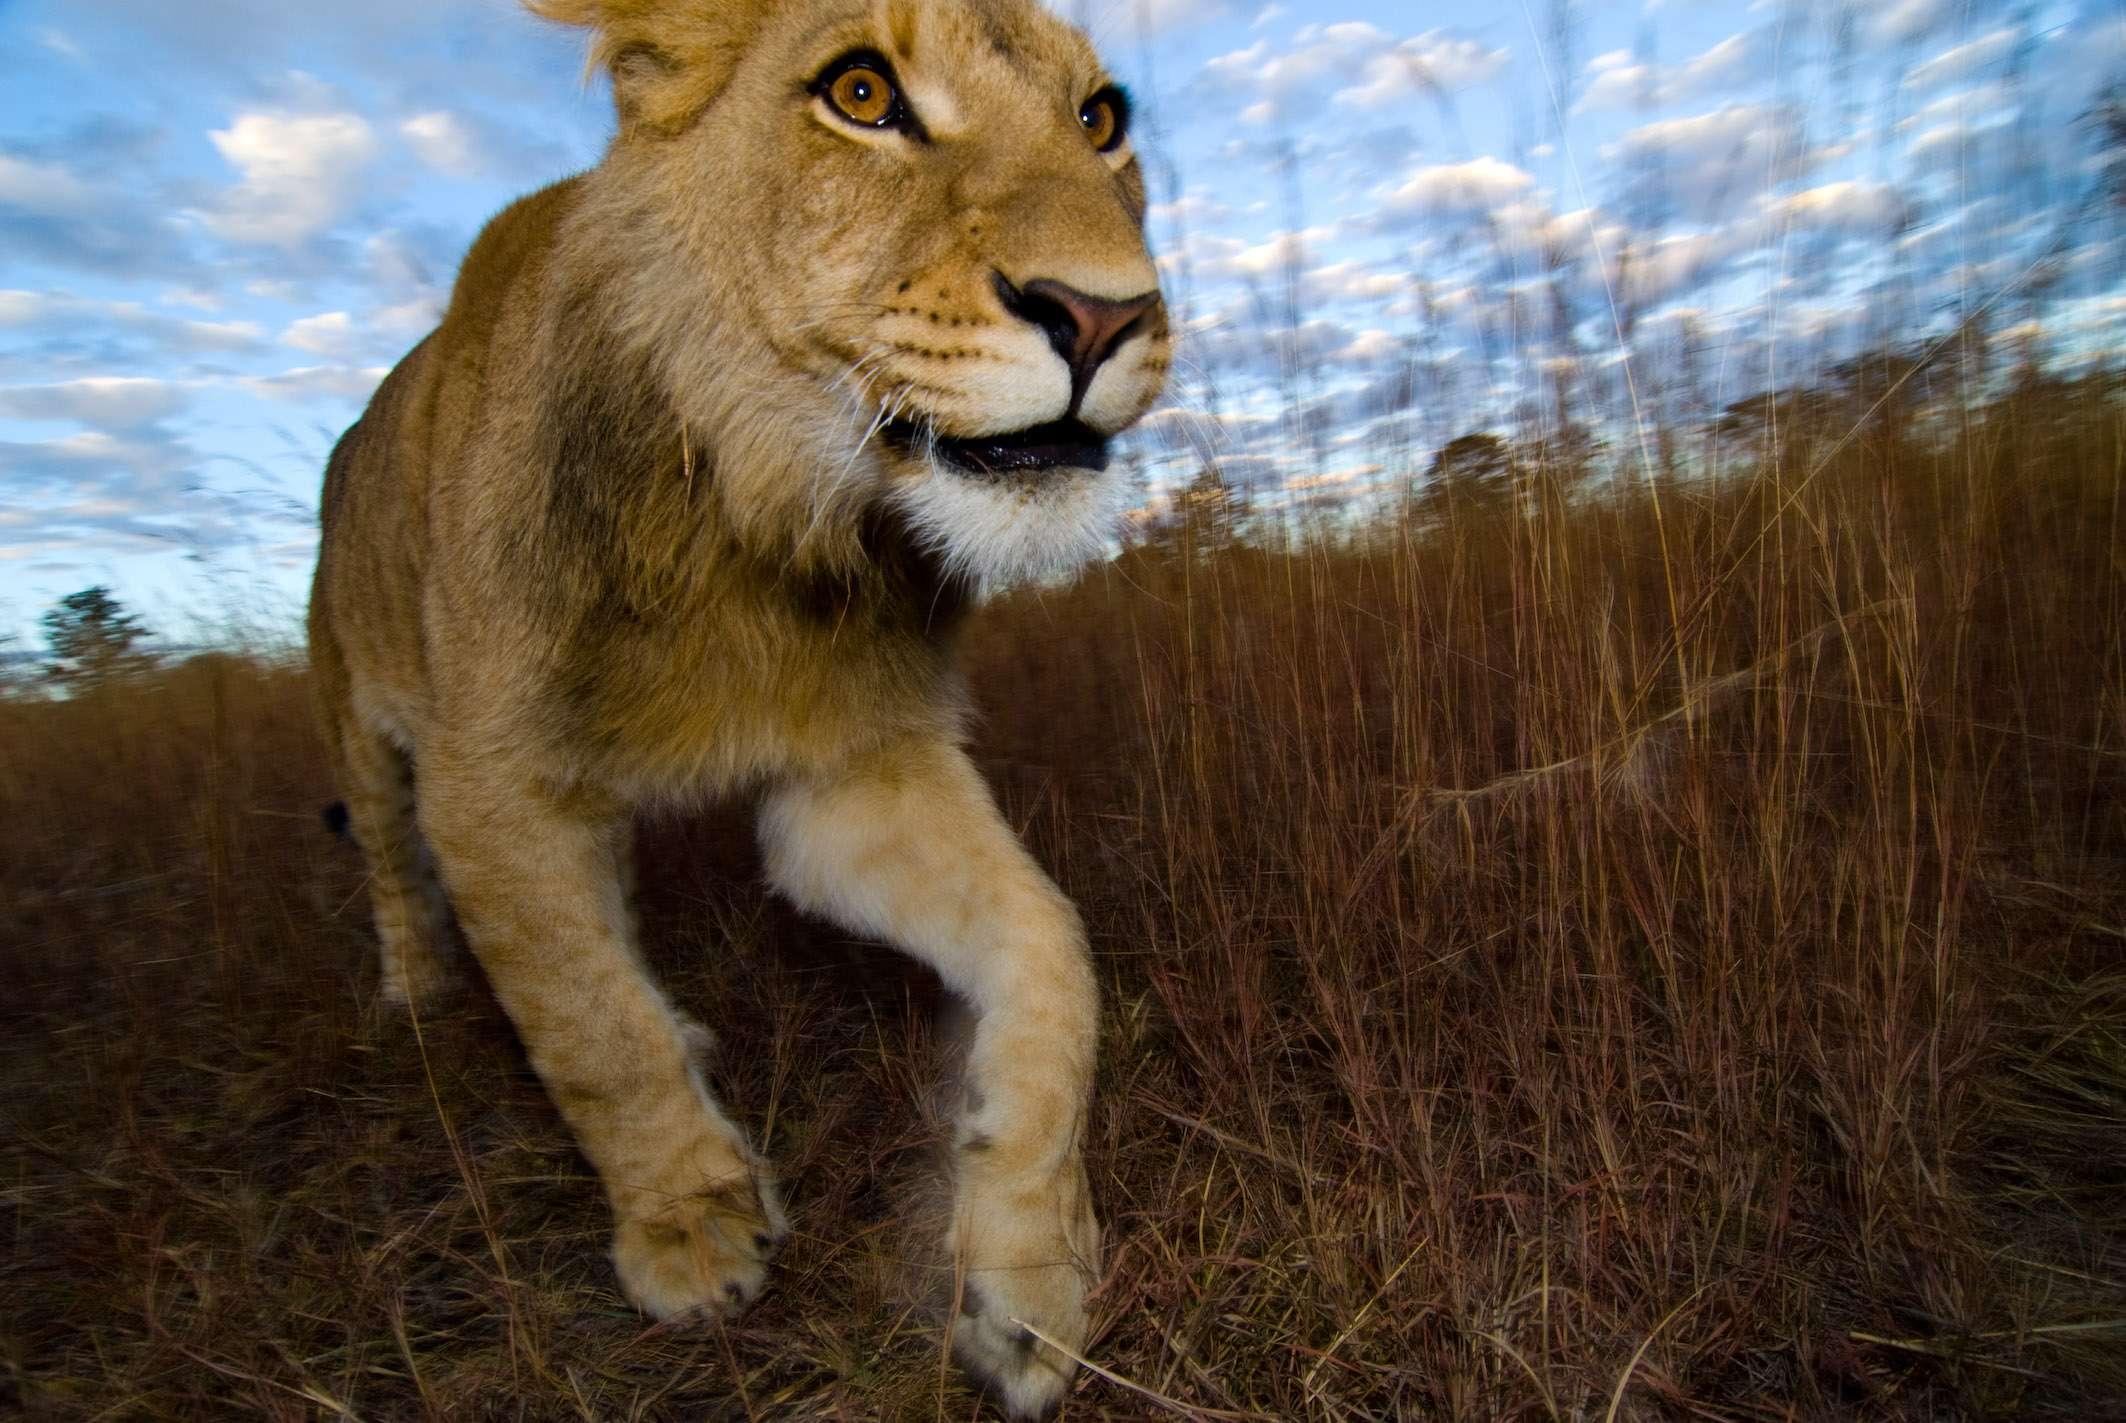 Löwe Antilope Park, © Dirk Bleyer